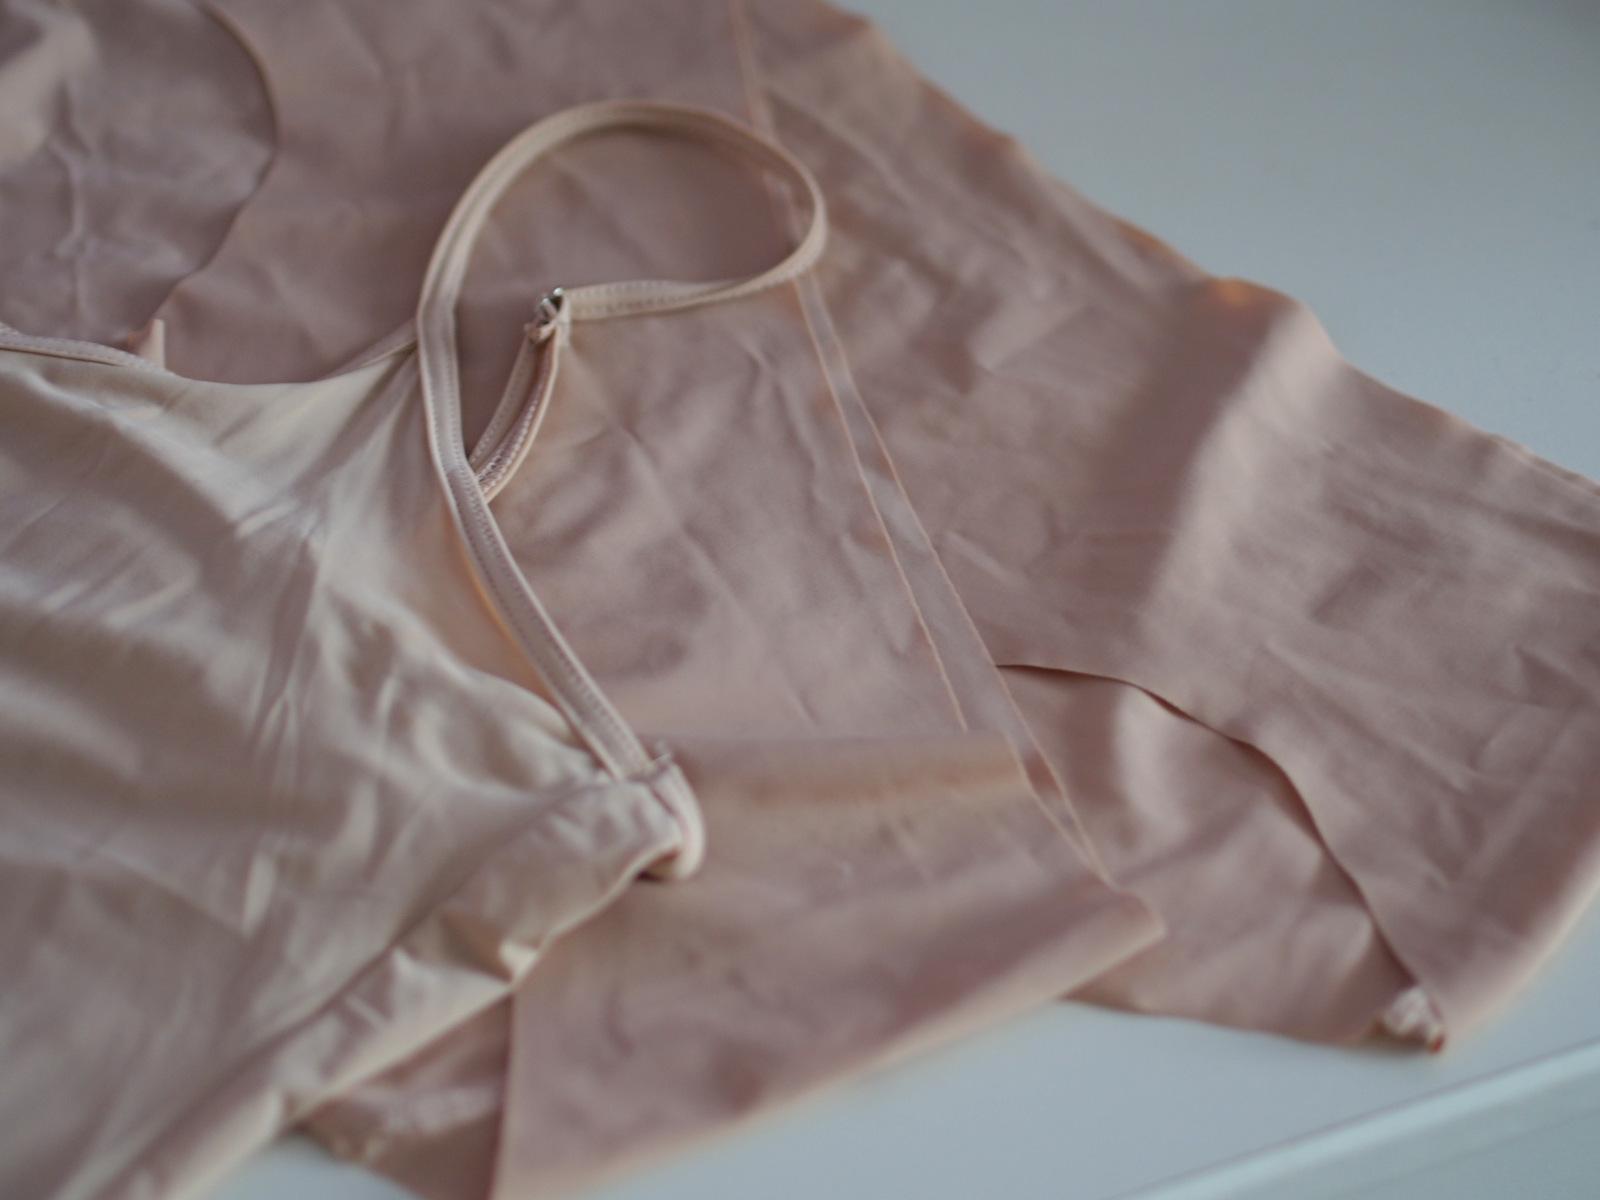 bezšvové spodné prádlo, ktoré vám odporúčam // seamless underwear